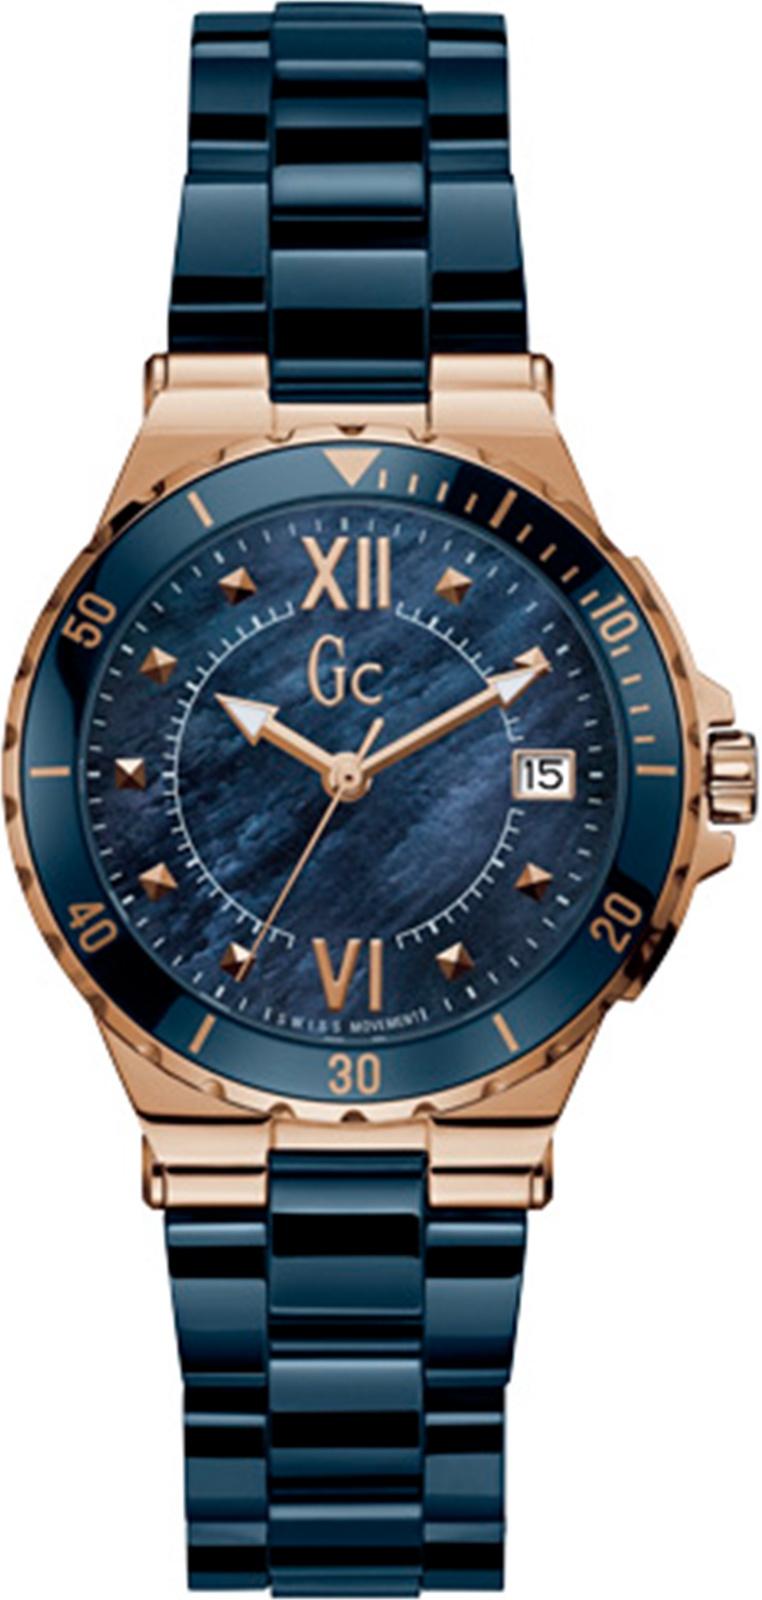 Часы GC Structura Ceramic, синий, темно-синий, золотой